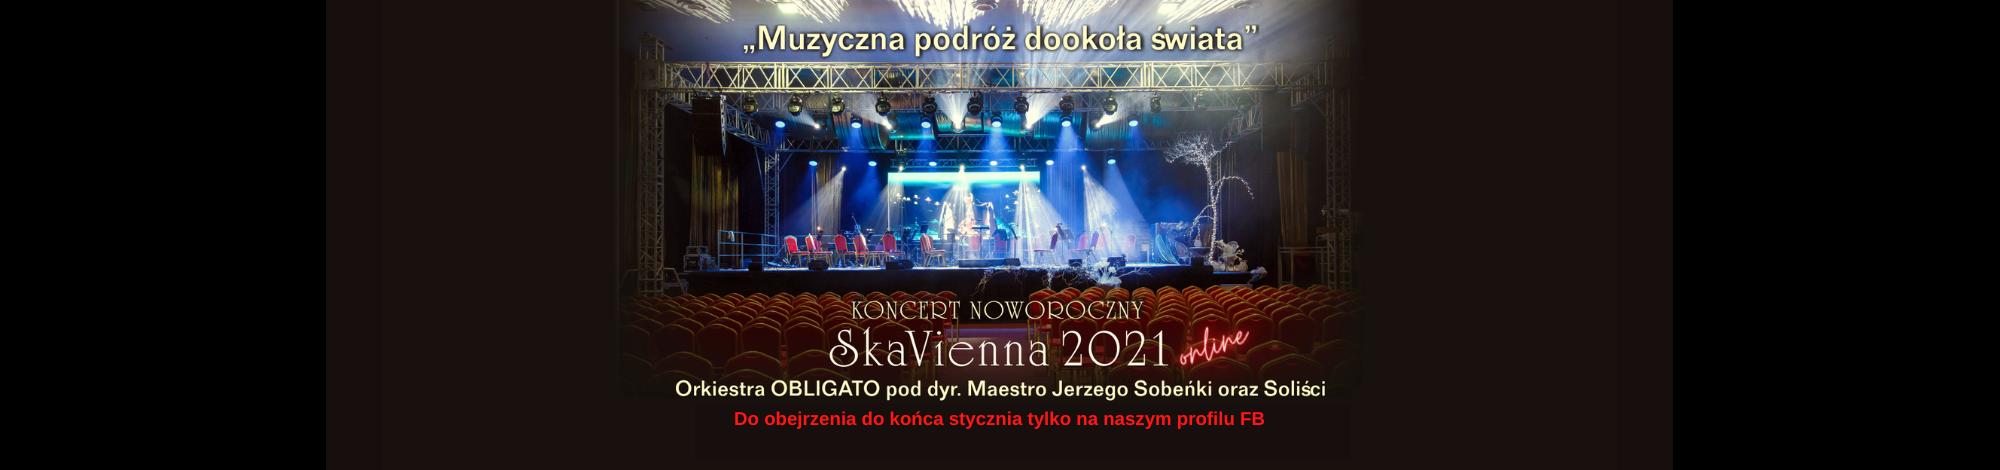 W tle zdjęcie oświetlonej sceny, gotowej na rozpoczęcie koncertu. Przed sceną rzędy pustych krzeseł. Napis: